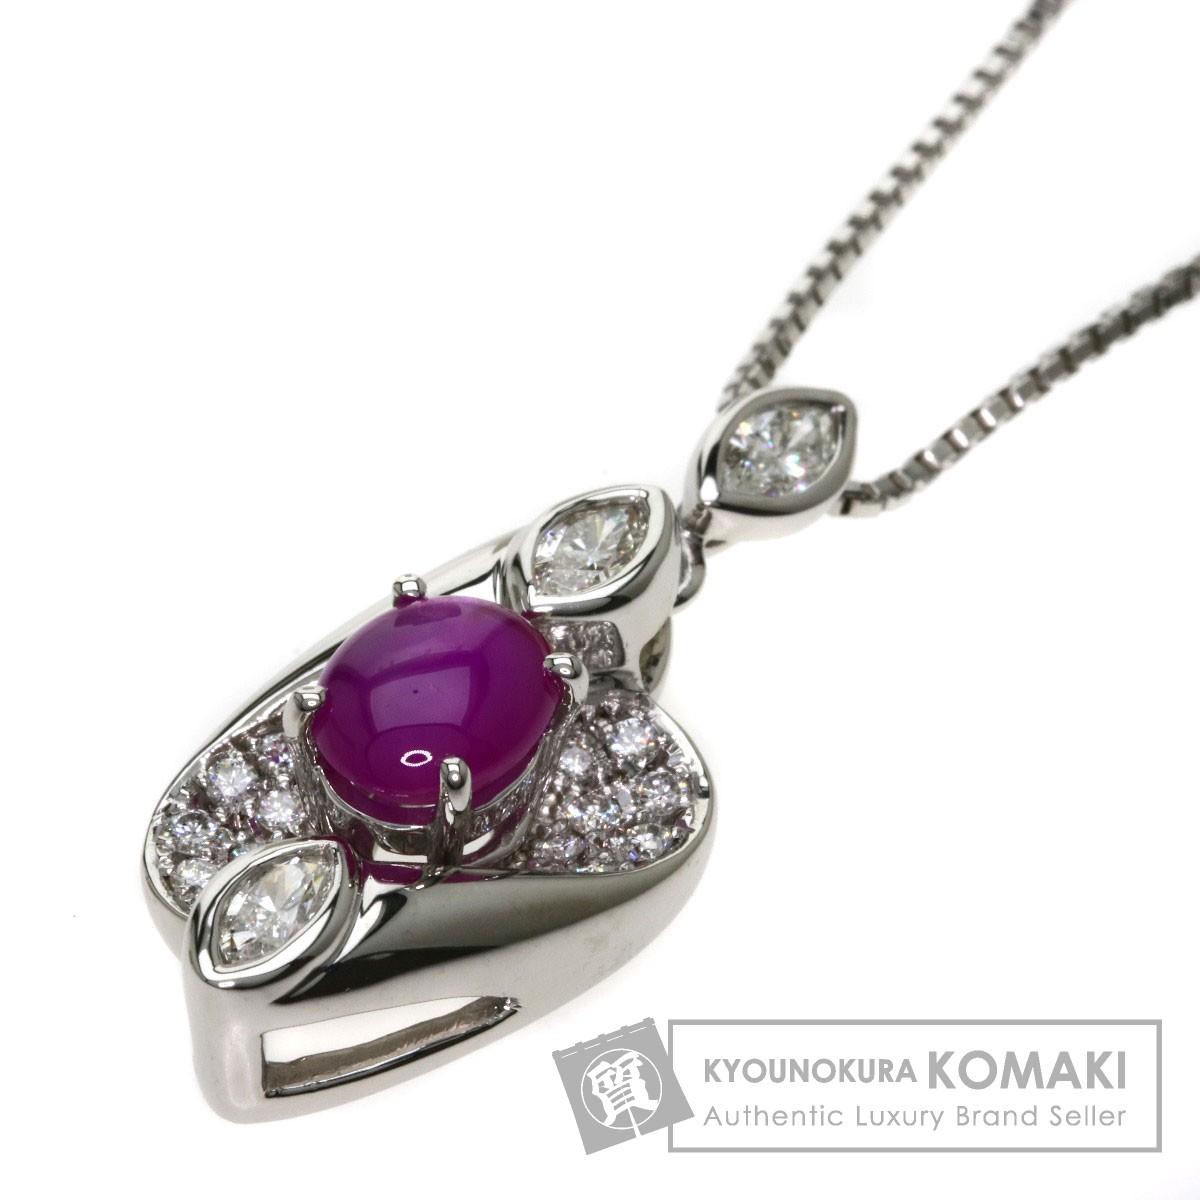 1.682ct スタールビー/ダイヤモンド ネックレス プラチナPT900/PT850 13.7g レディース 【中古】